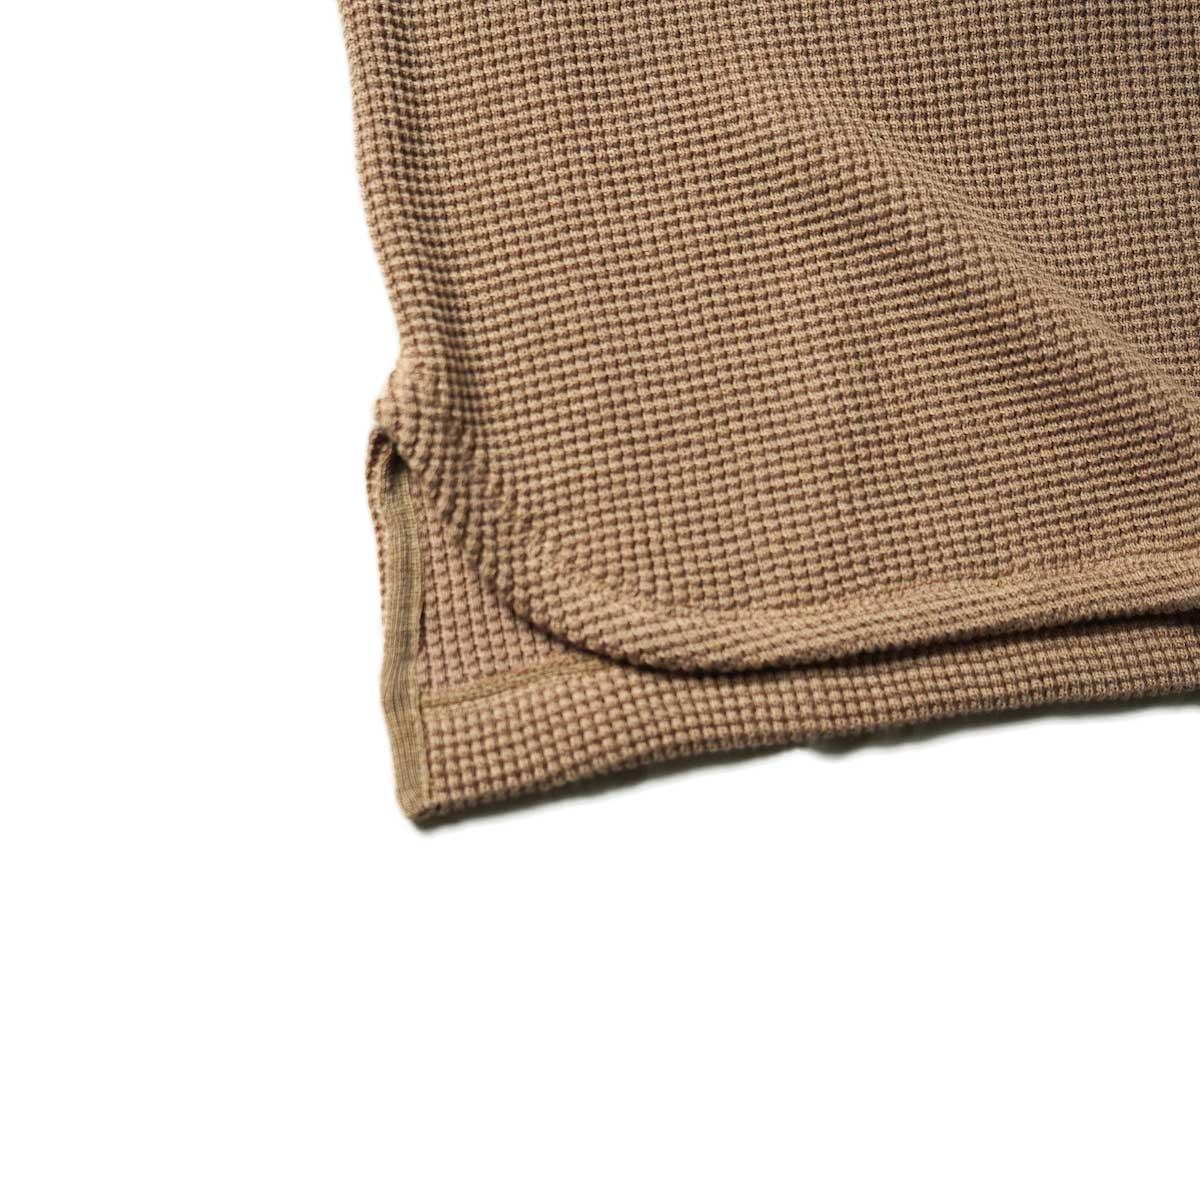 blurhms / Wool Cotton Big Waffle Crew-Neck (Beige)裾